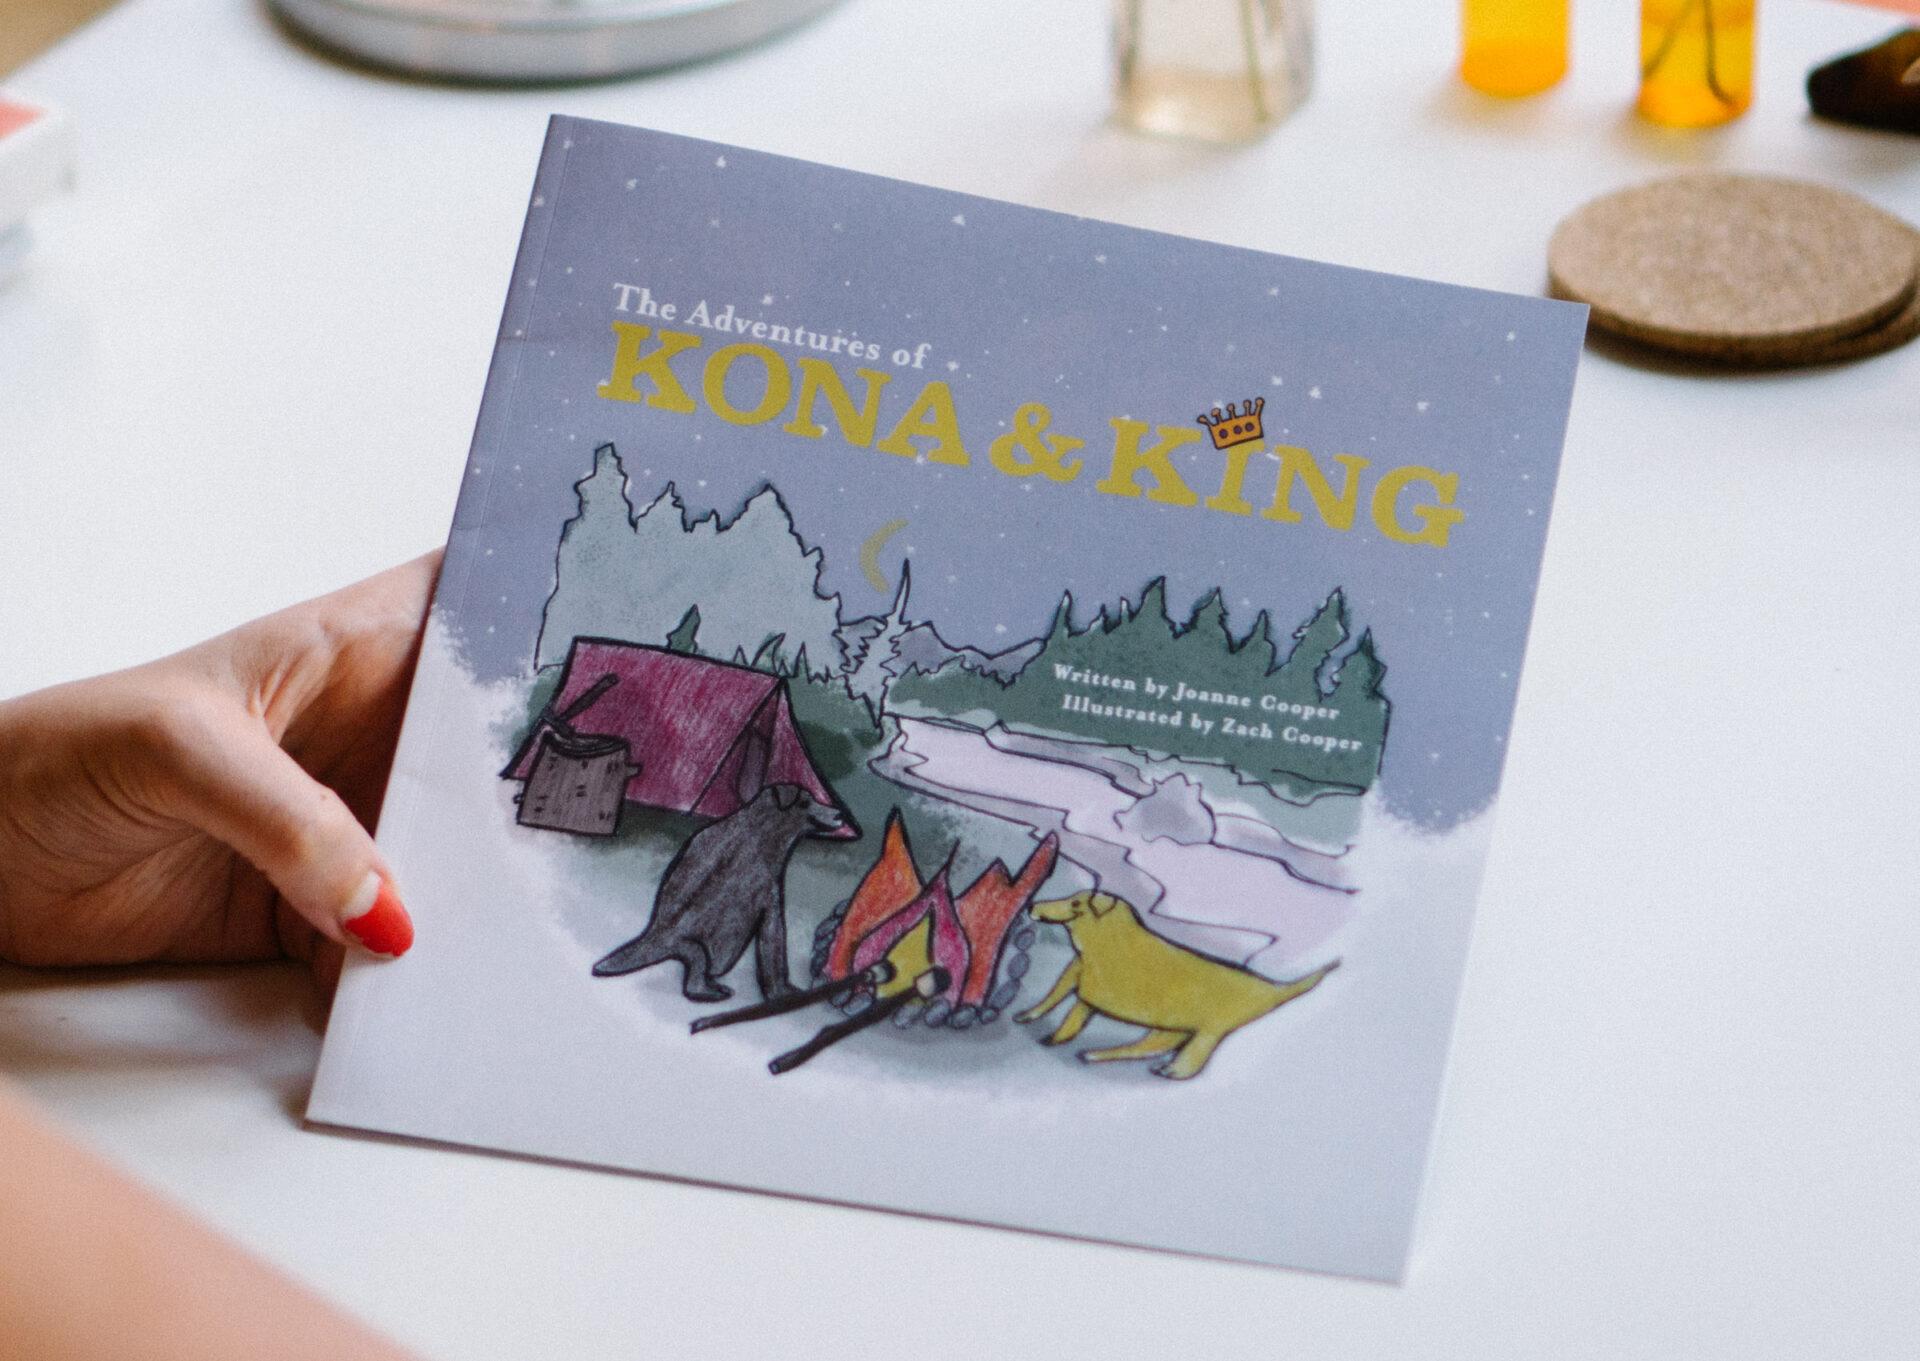 The Adventures of Kona & King Children's Book